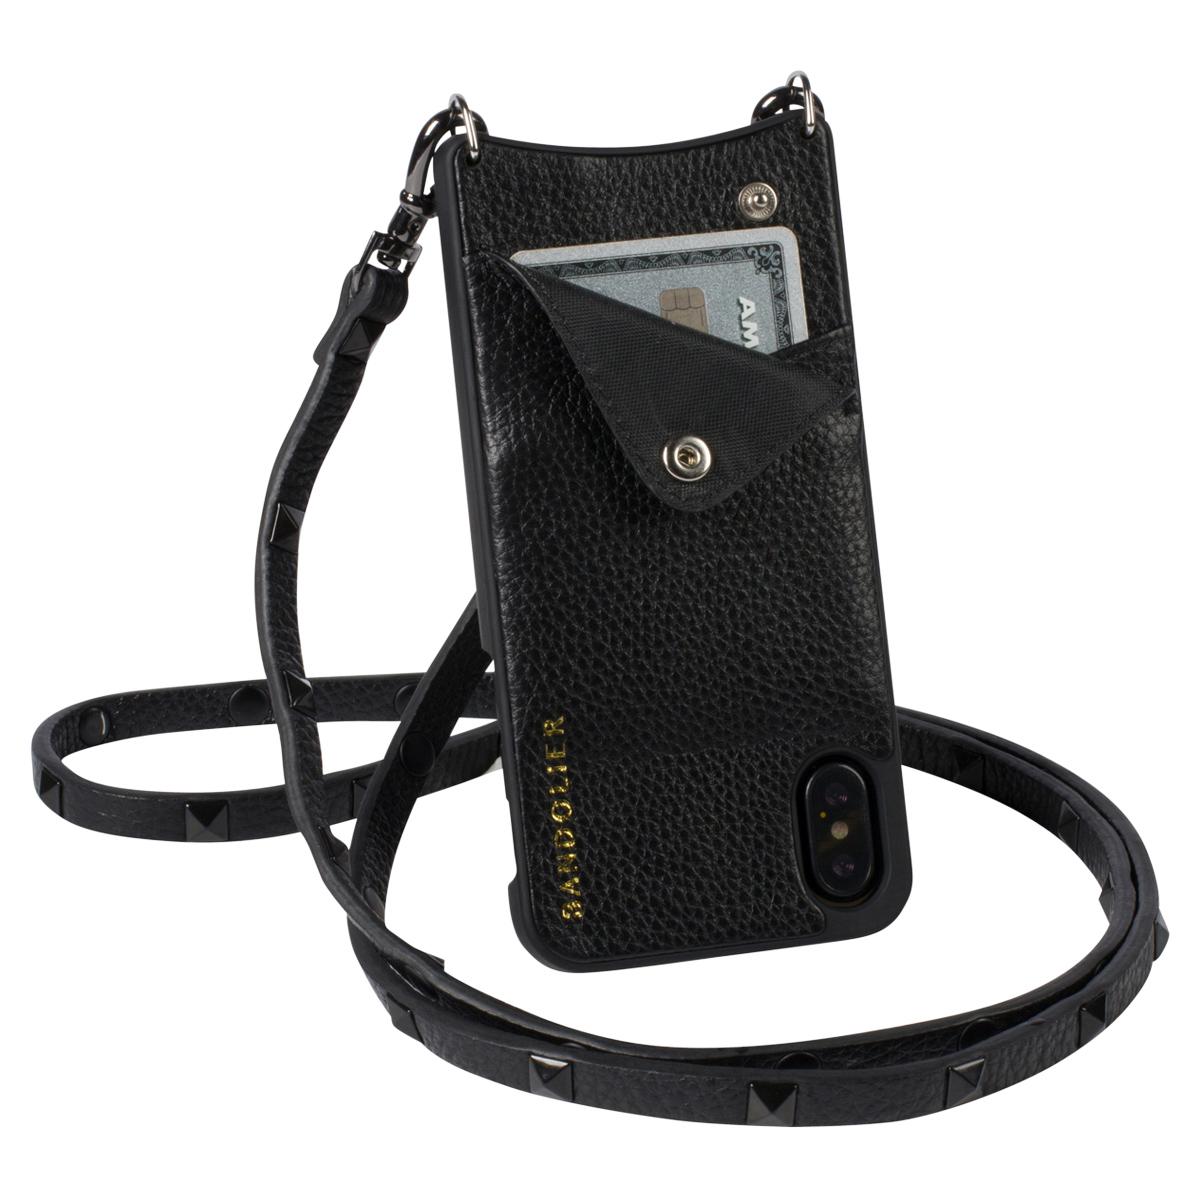 BANDOLIER iPhone XS MAX SARAH BLACK バンドリヤー ケース ショルダー スマホ アイフォン レザー メンズ レディース ブラック 10SAR1001 [4/18 再入荷][194]